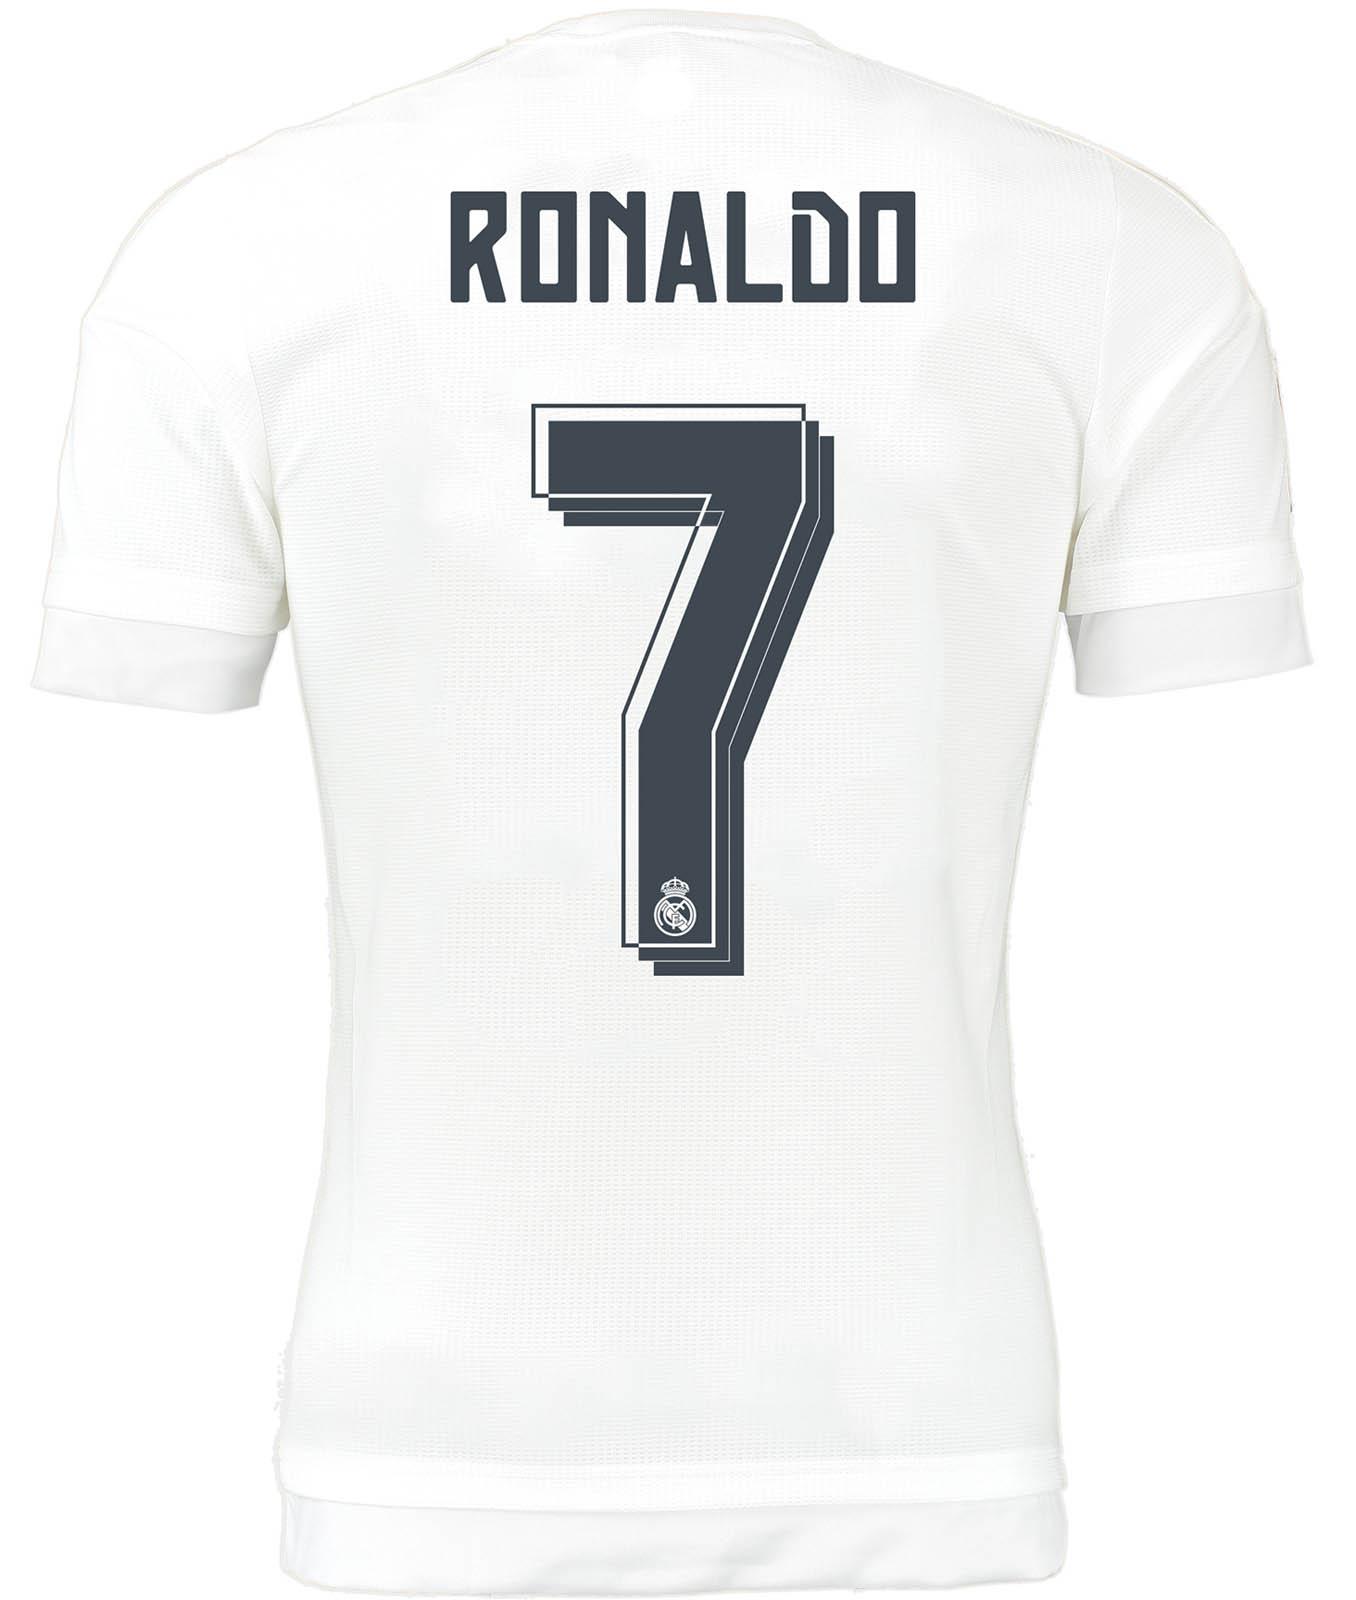 Real Madrid 15 16 Vector Font Kornfootballfonts